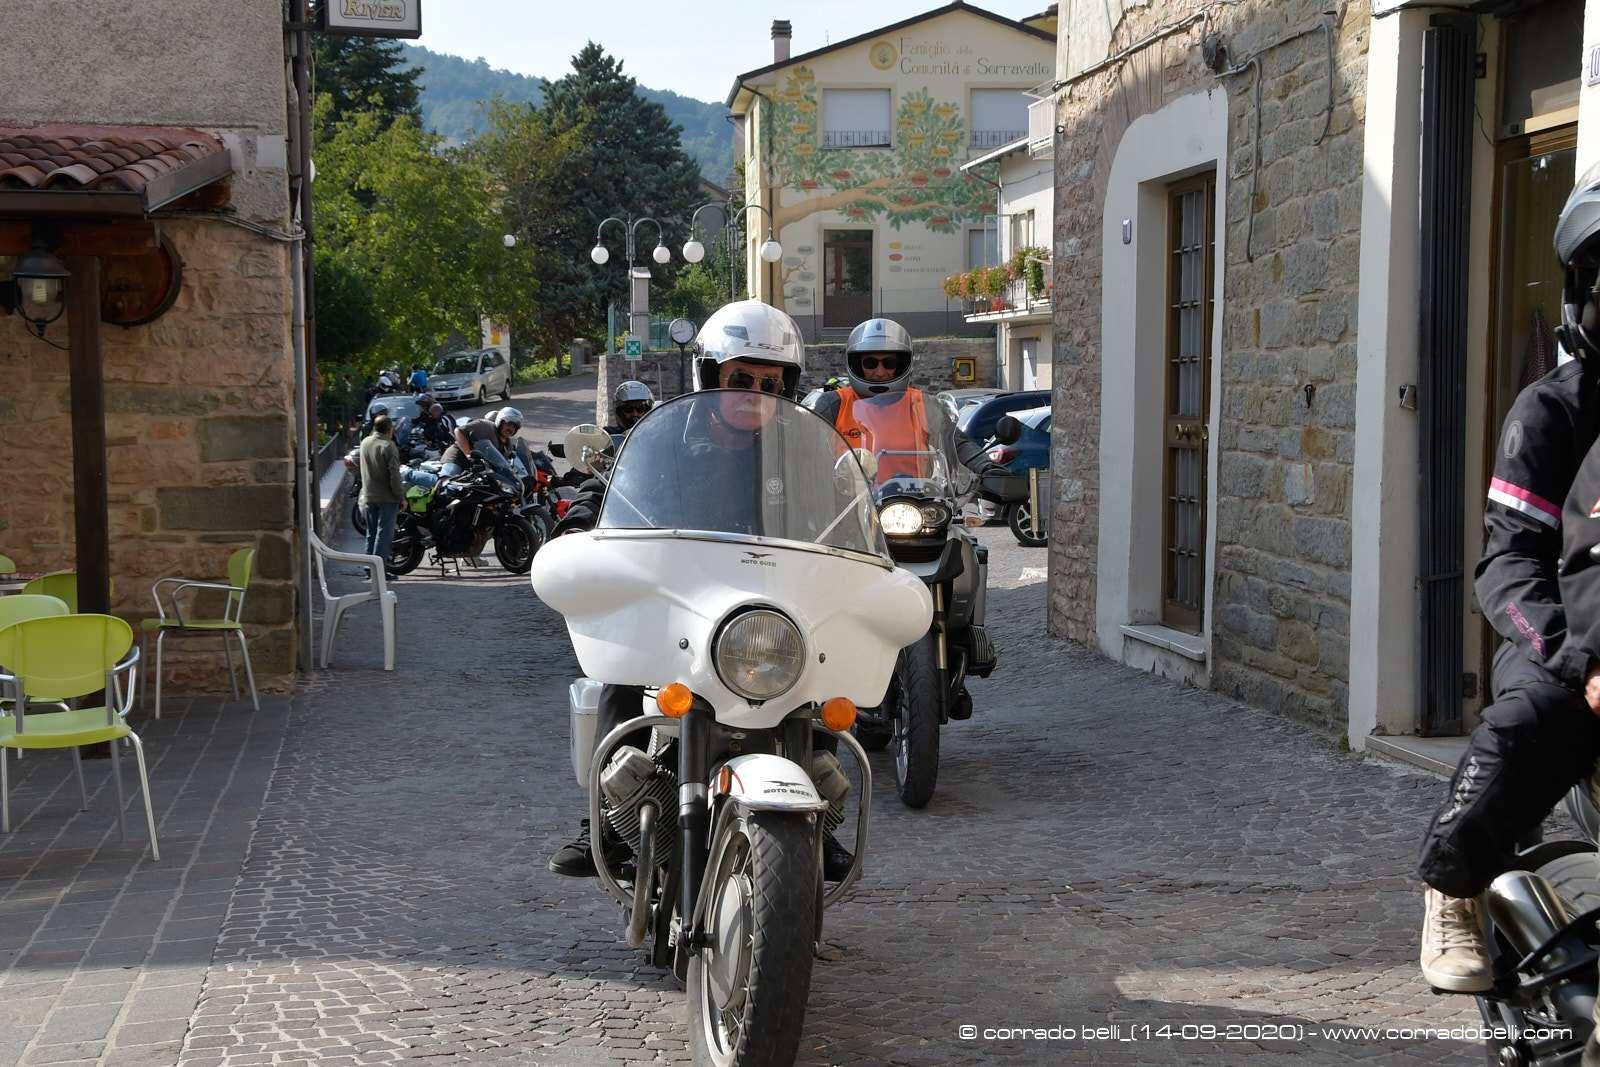 0208_-Benelli-Week-14-09-20